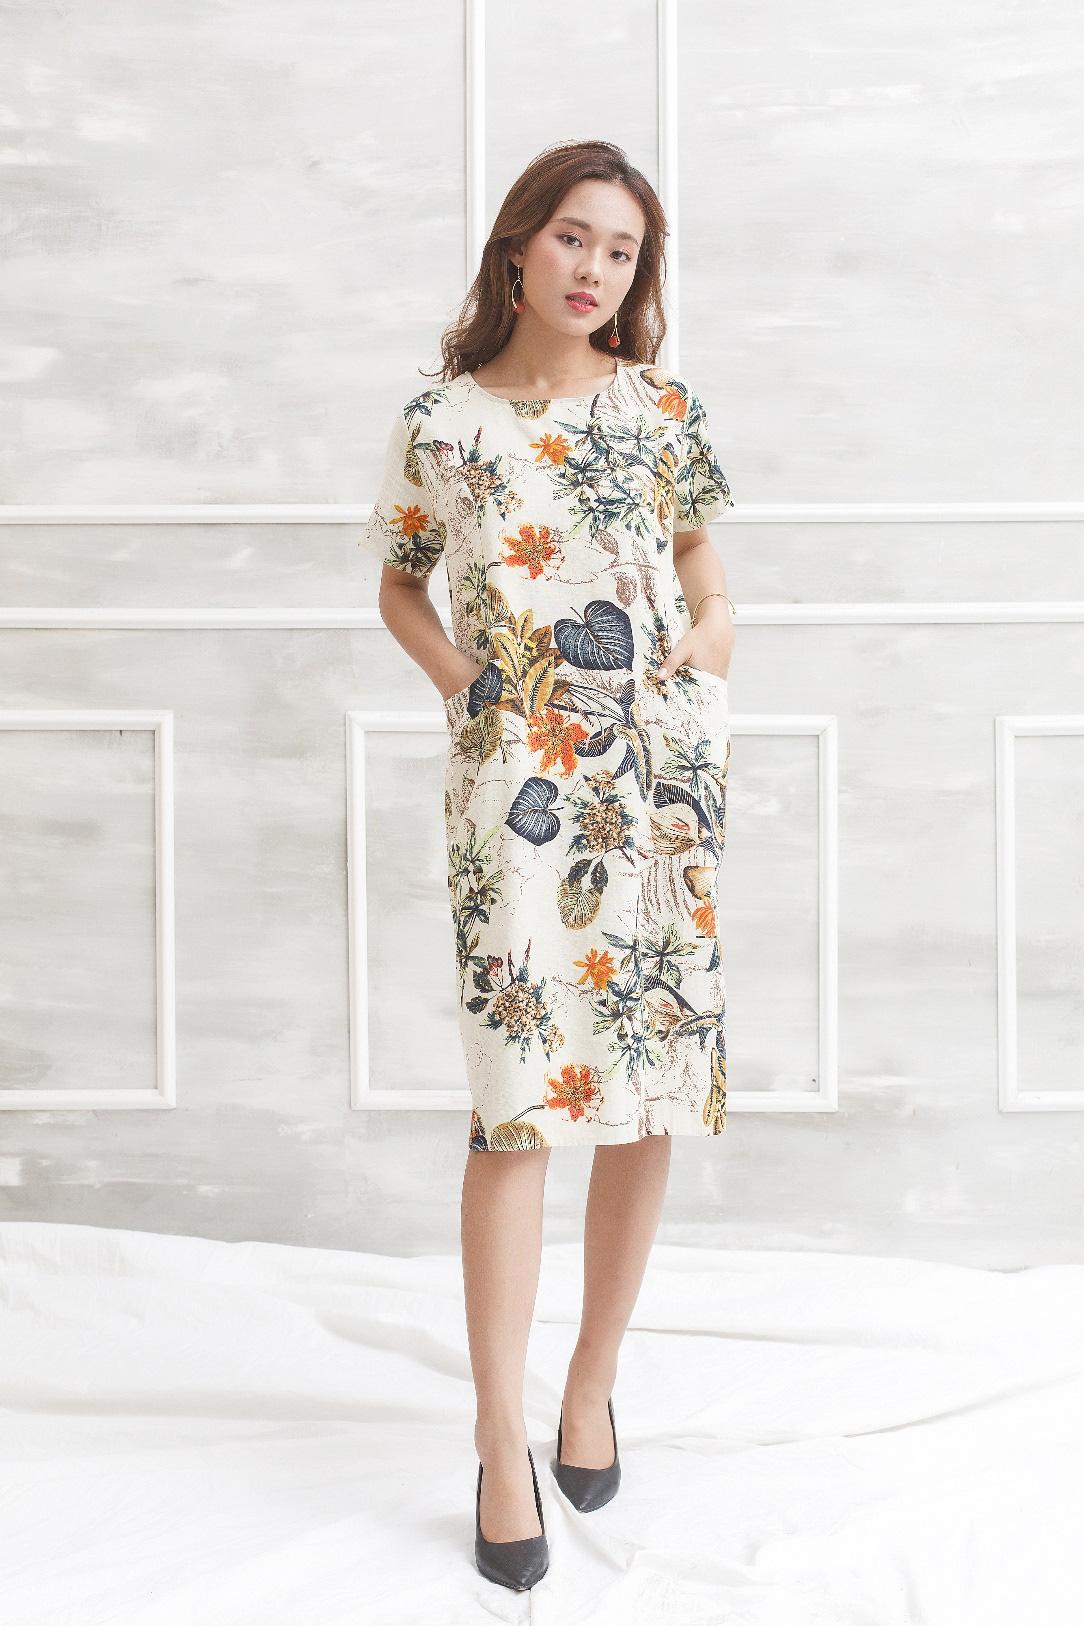 Bim store – Cửa hàng chuyên váy đầm chất liệu linen cho phái đẹp - Ảnh 7.